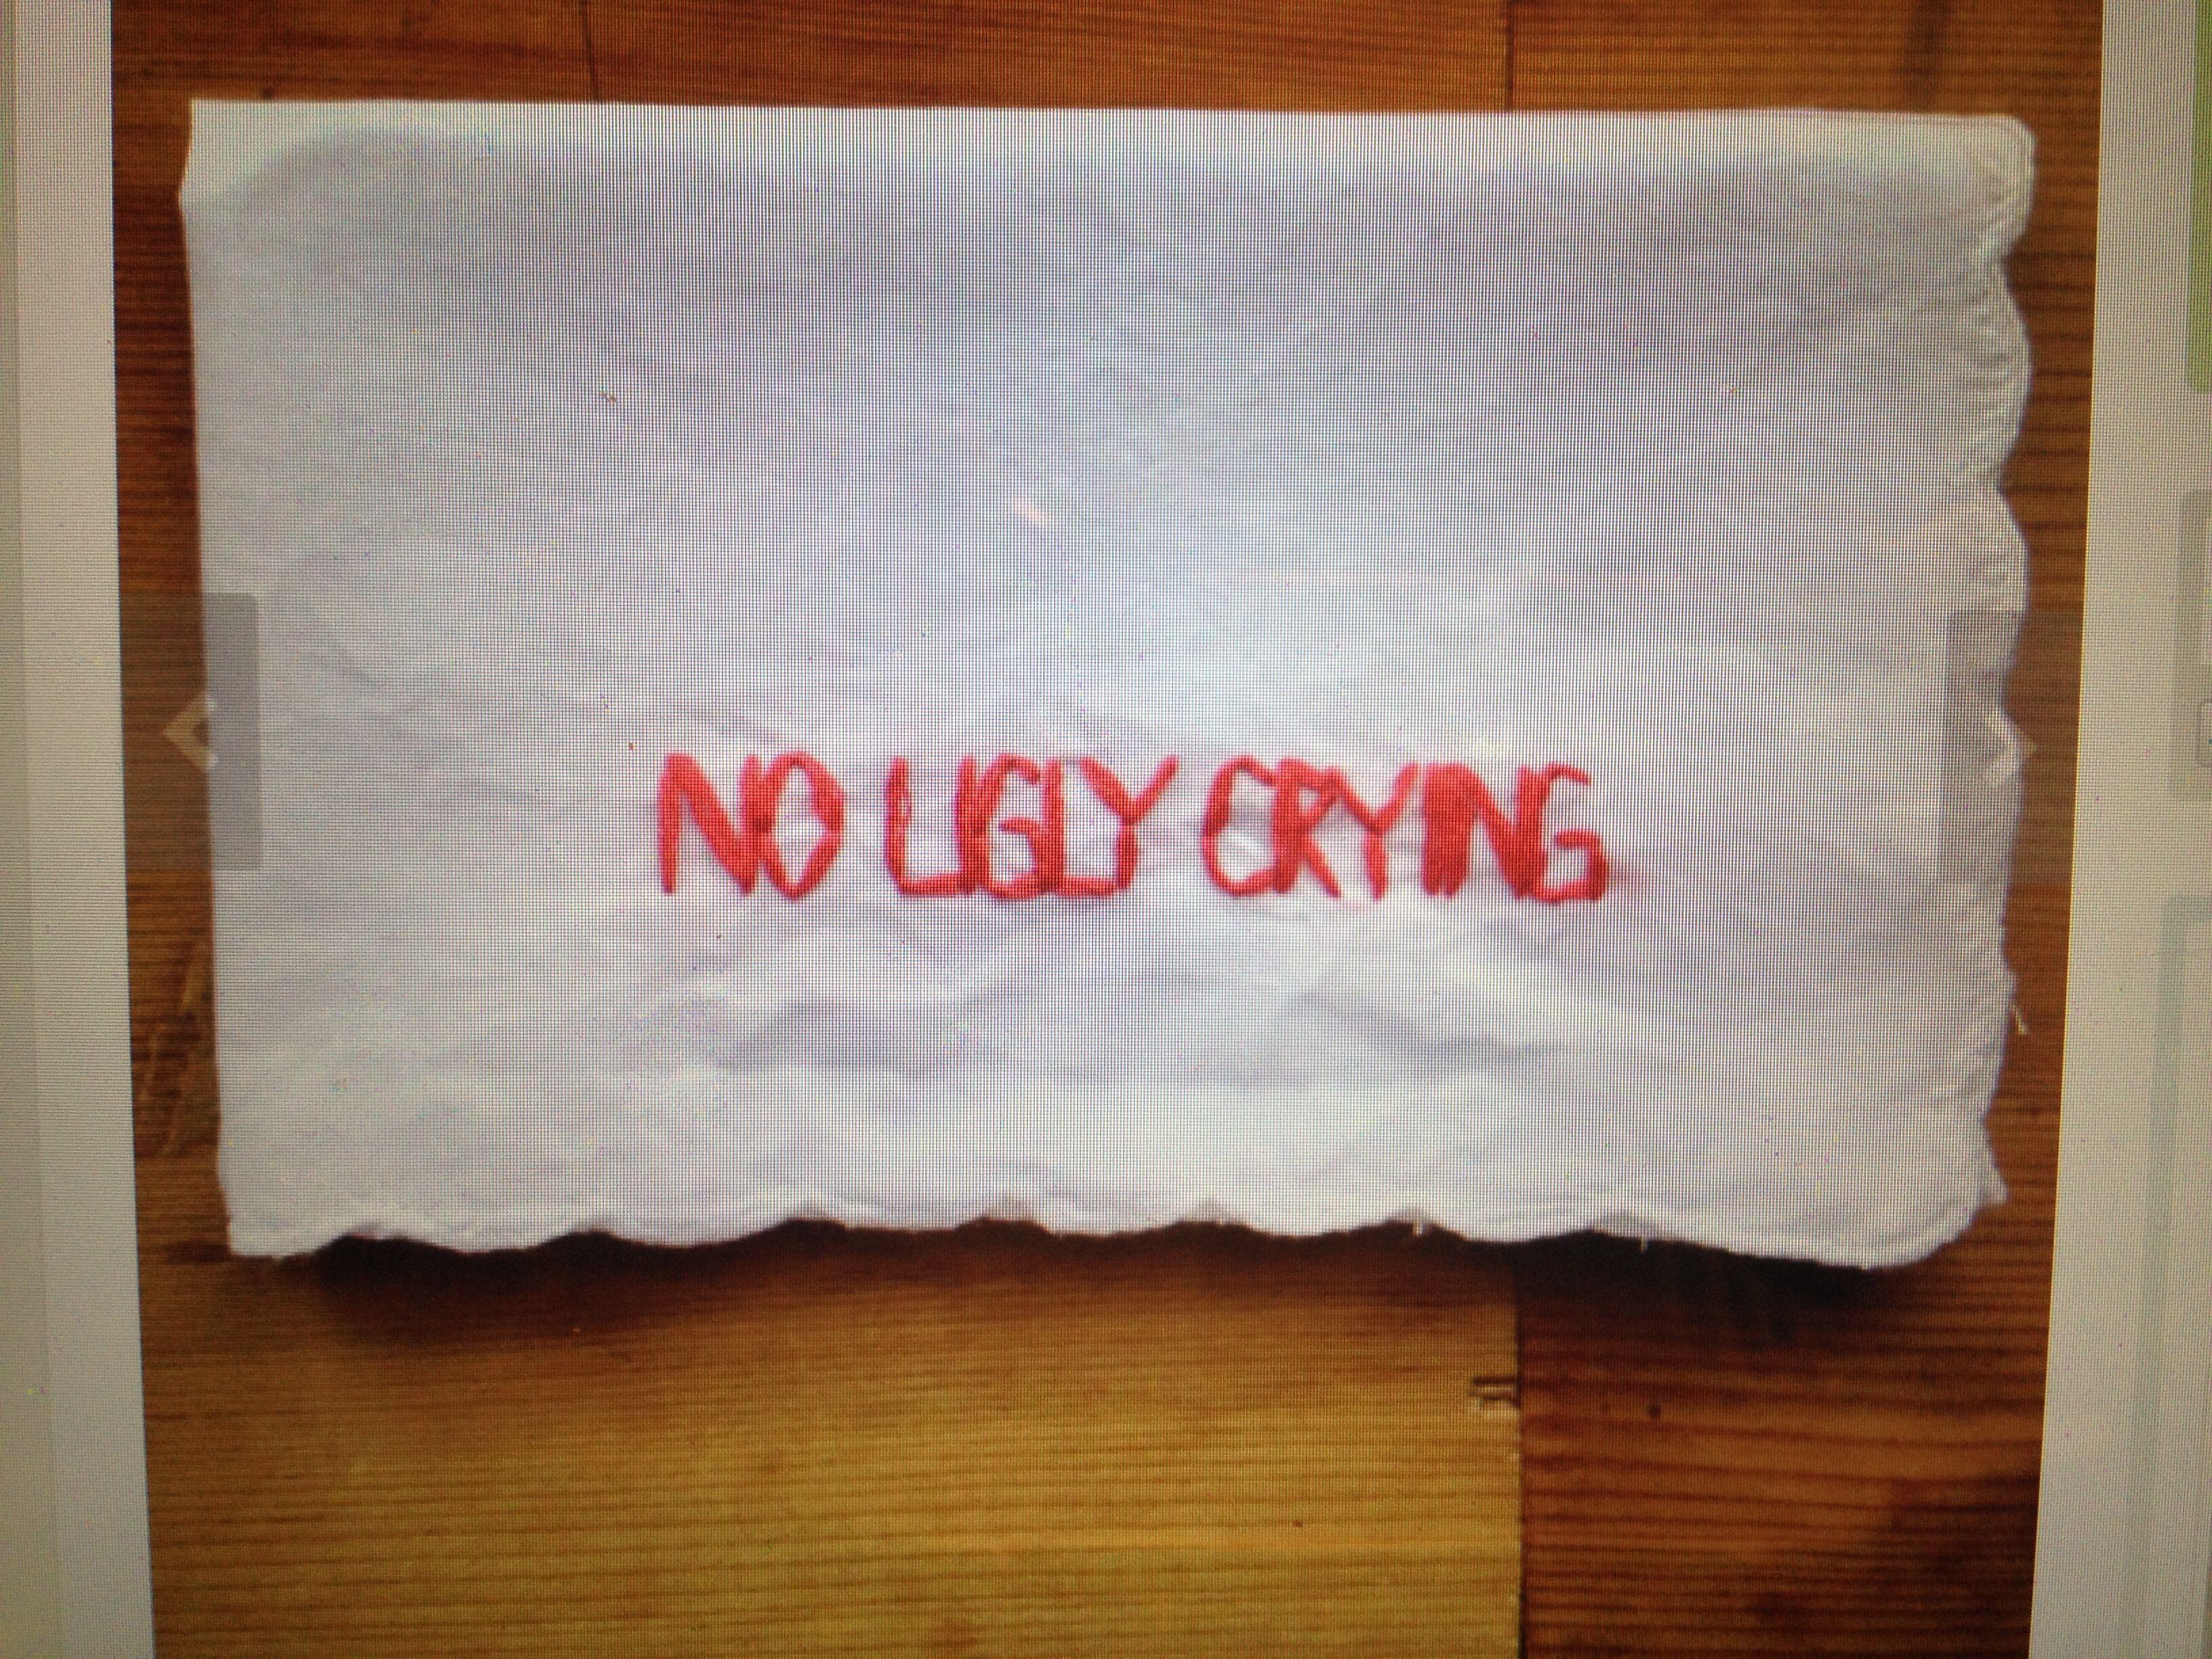 No ugly crying! Haha. Nice bridesmaids gift.